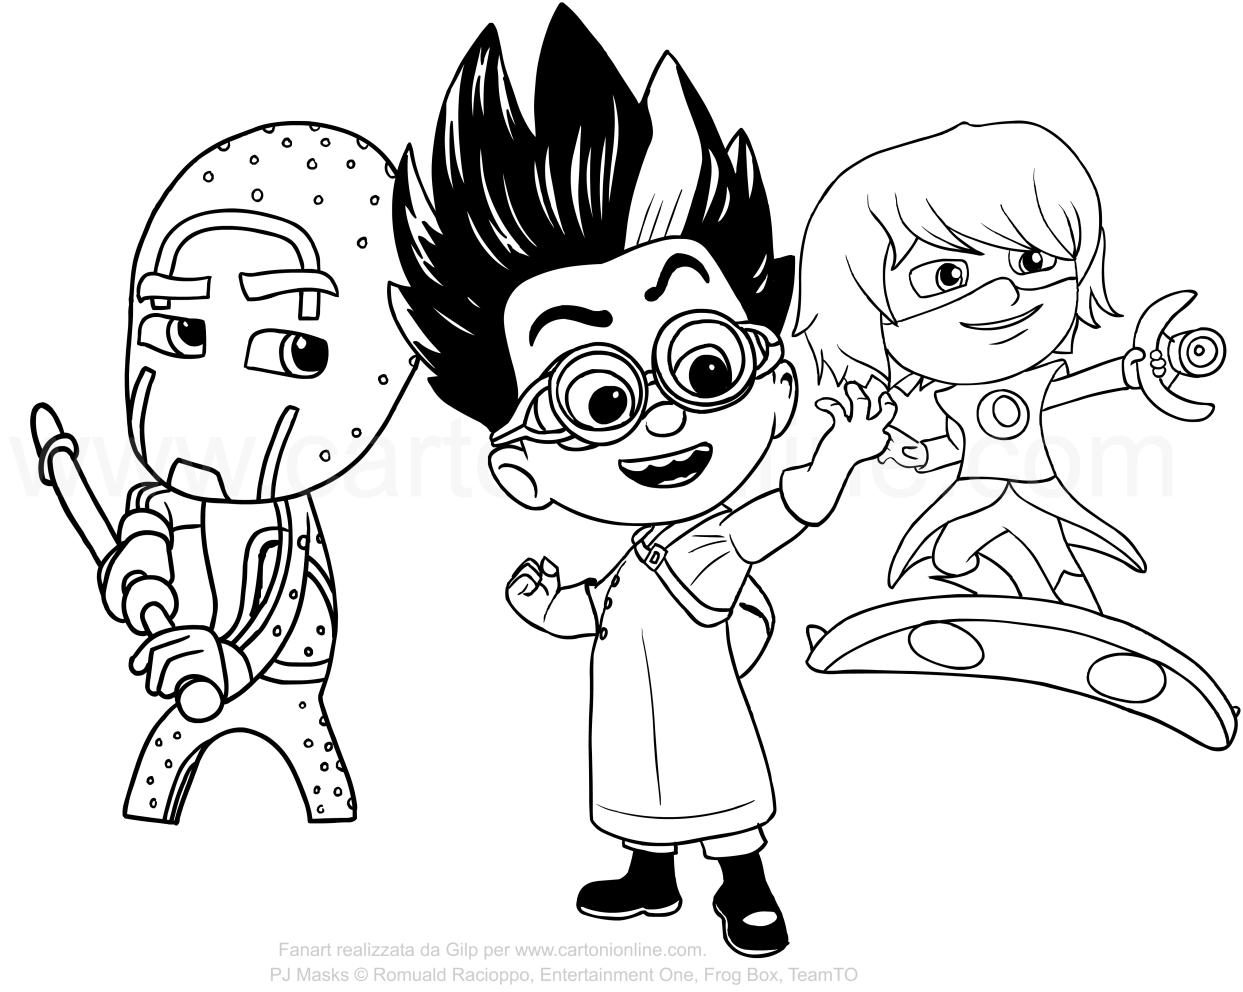 desenho dos super vilões pj masks para colorir